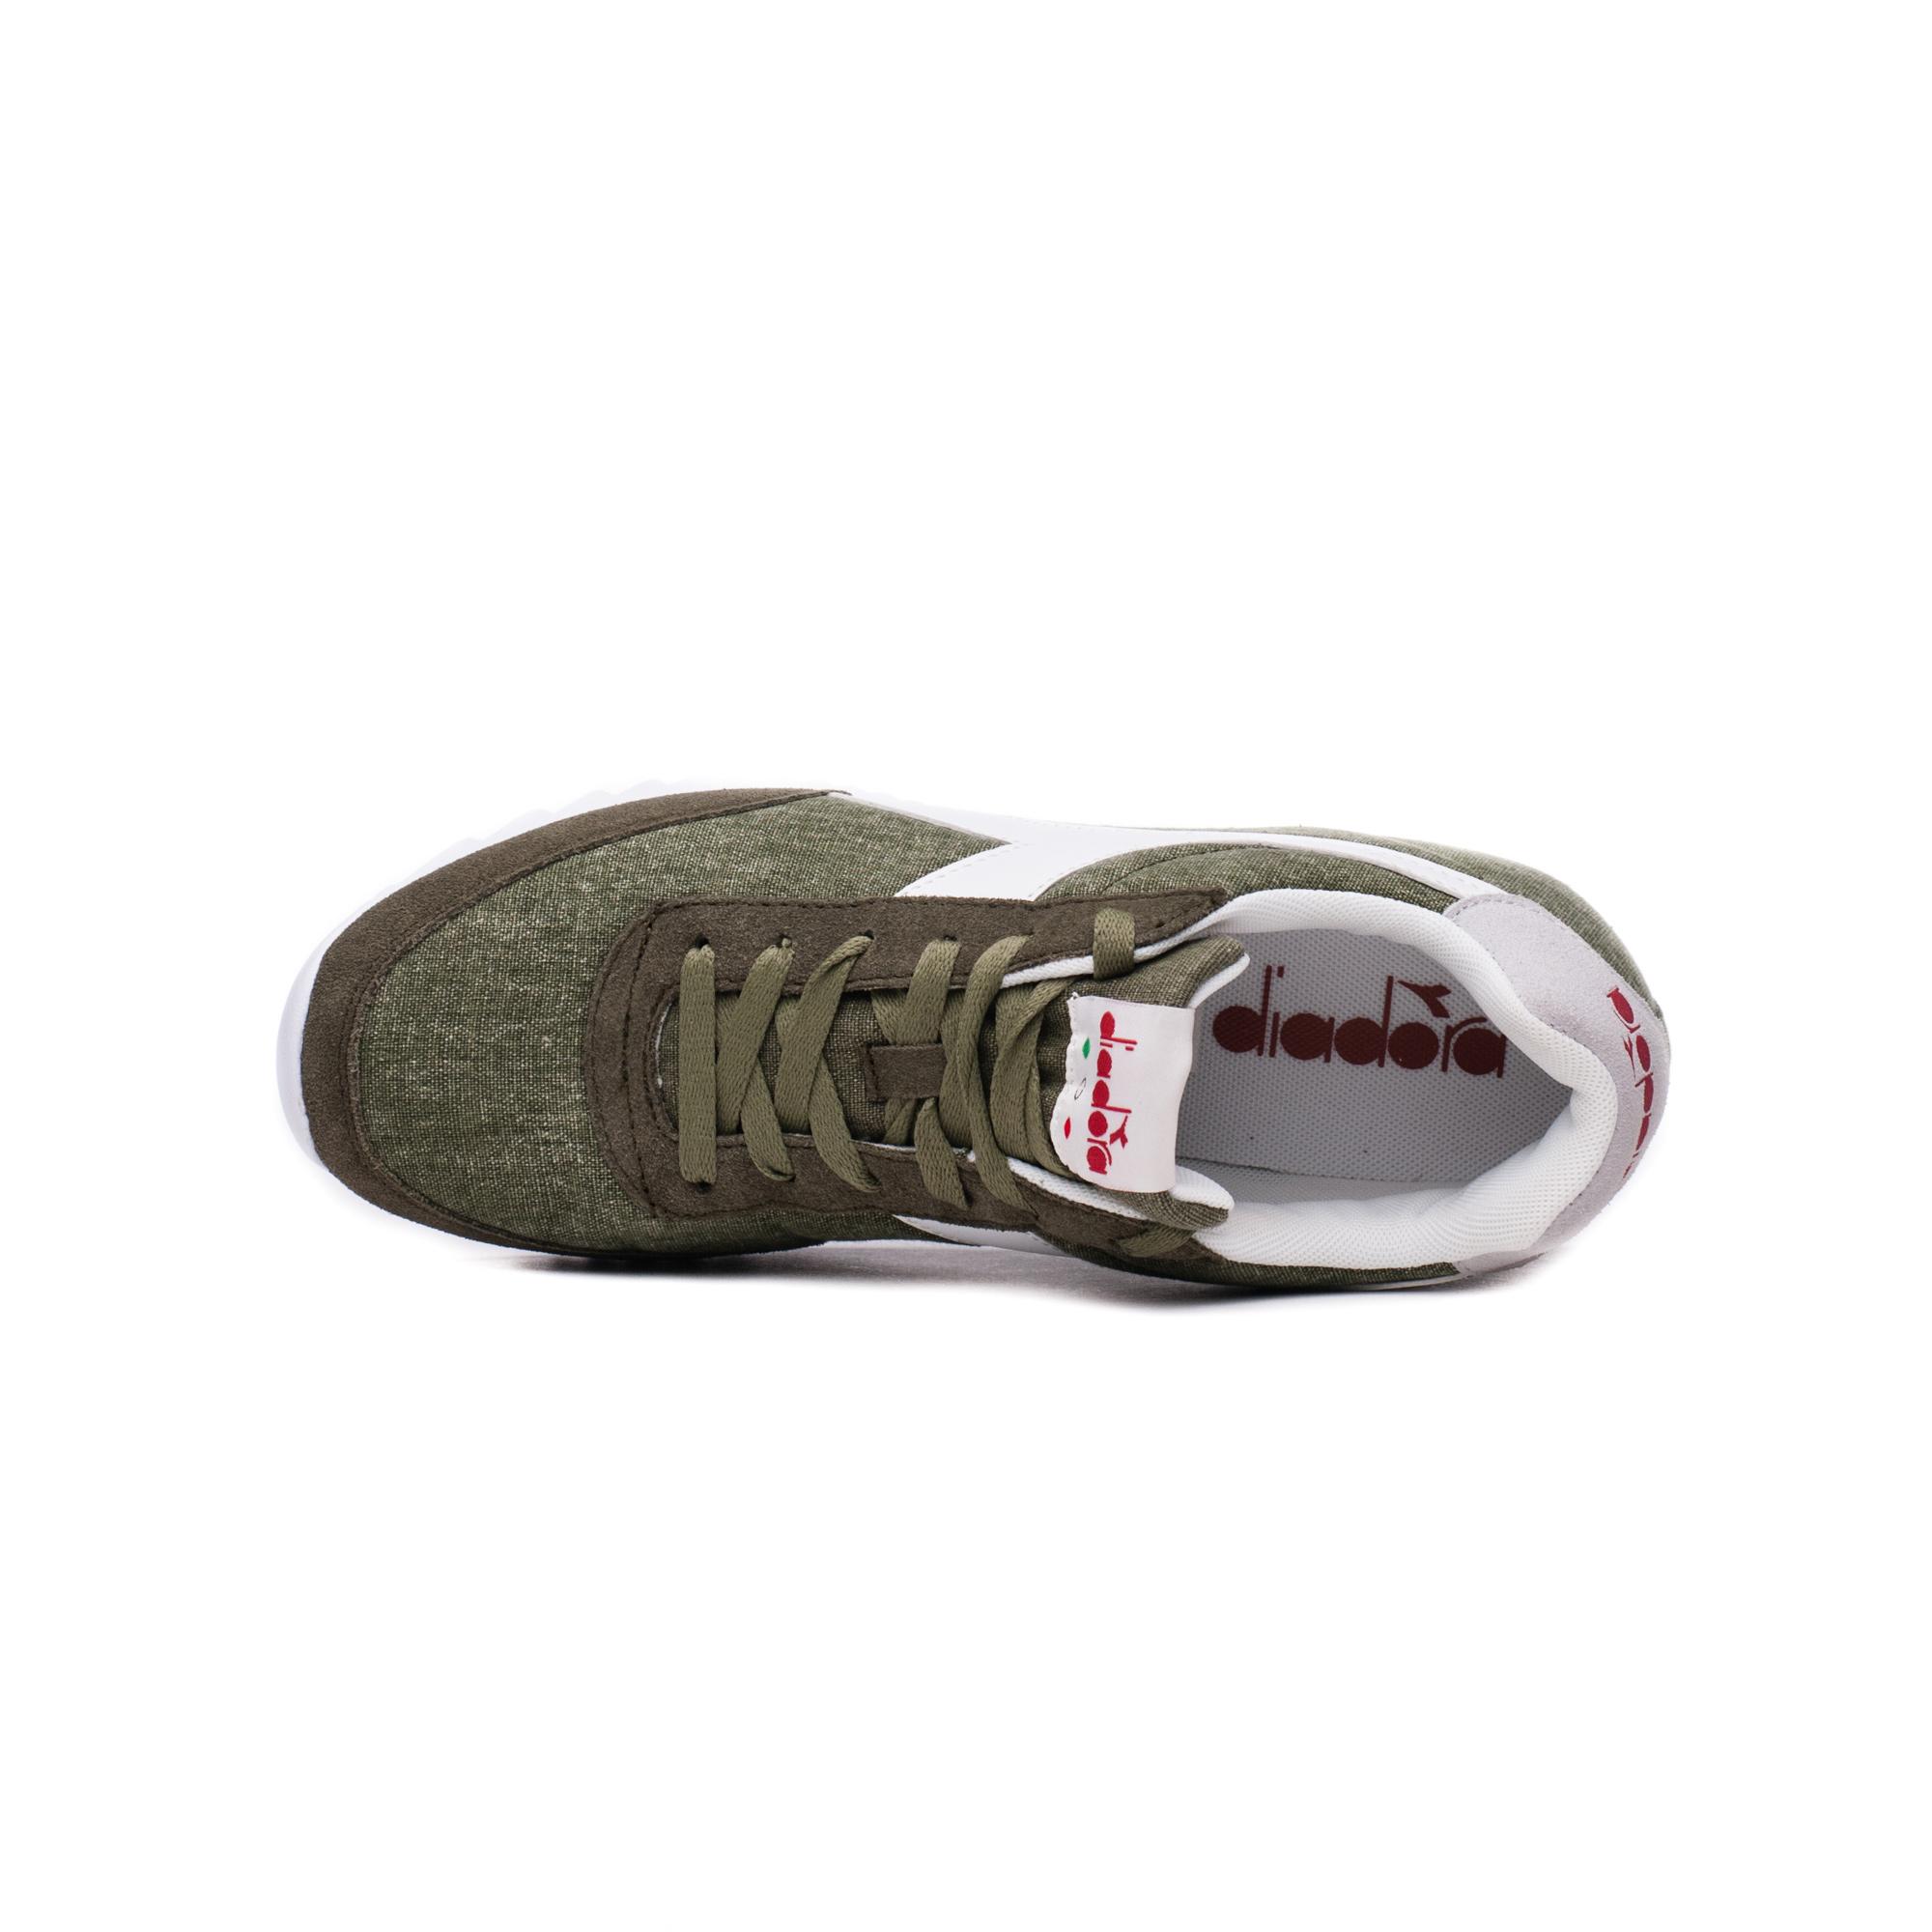 Кросівки унісекс Diadora JOGLIGHTC